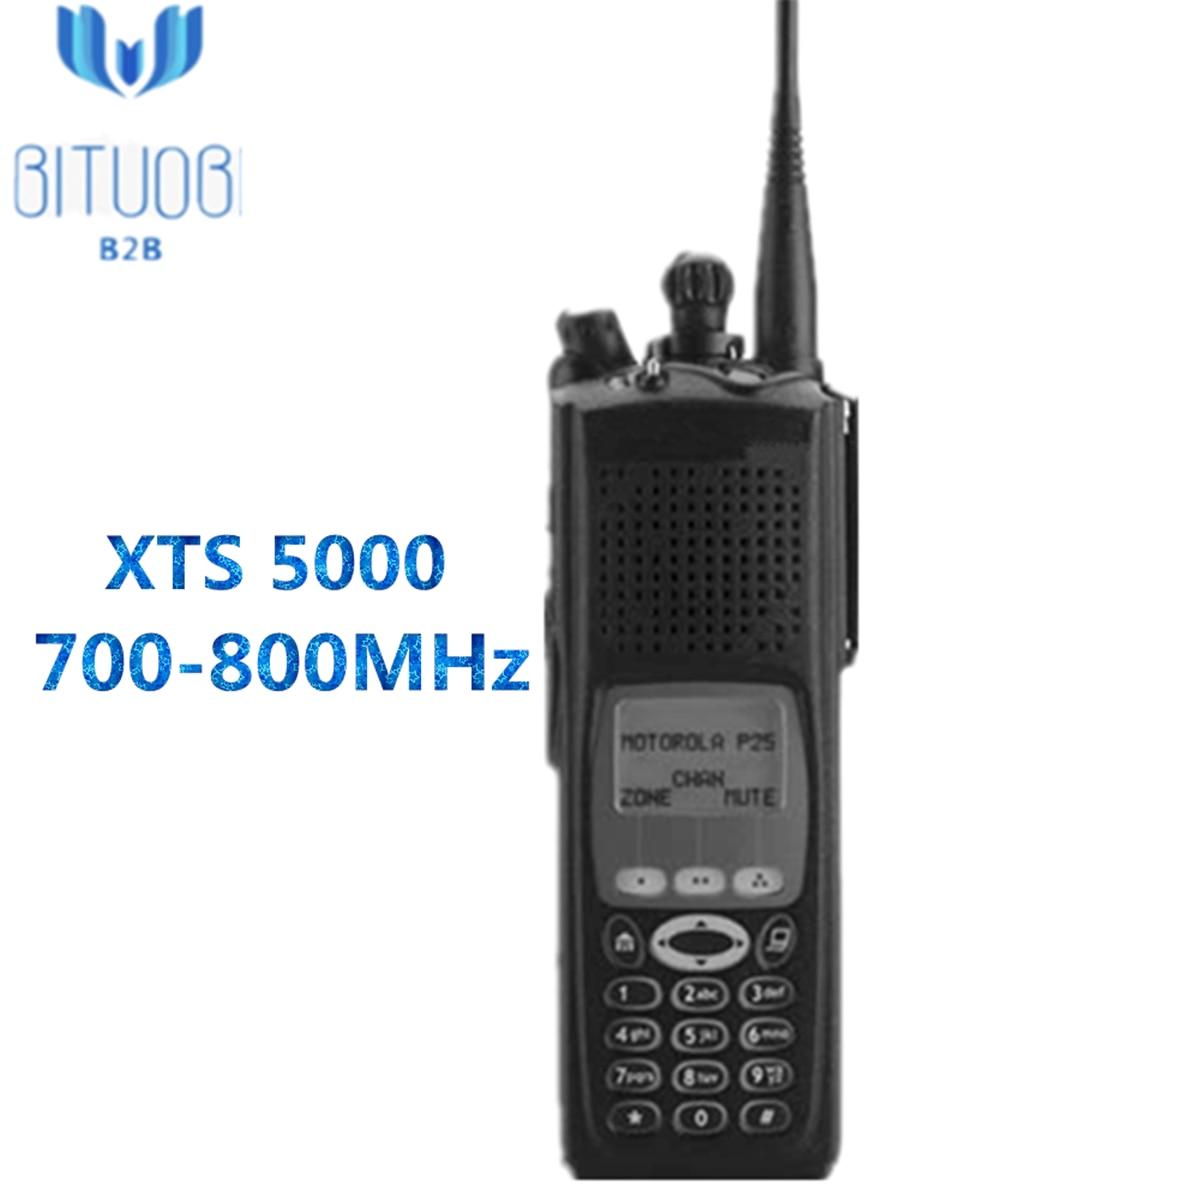 8505241U11 OEM 700-800MHz Antenna for Motorola XTS1500 XTS2250 XTS2500 Radio